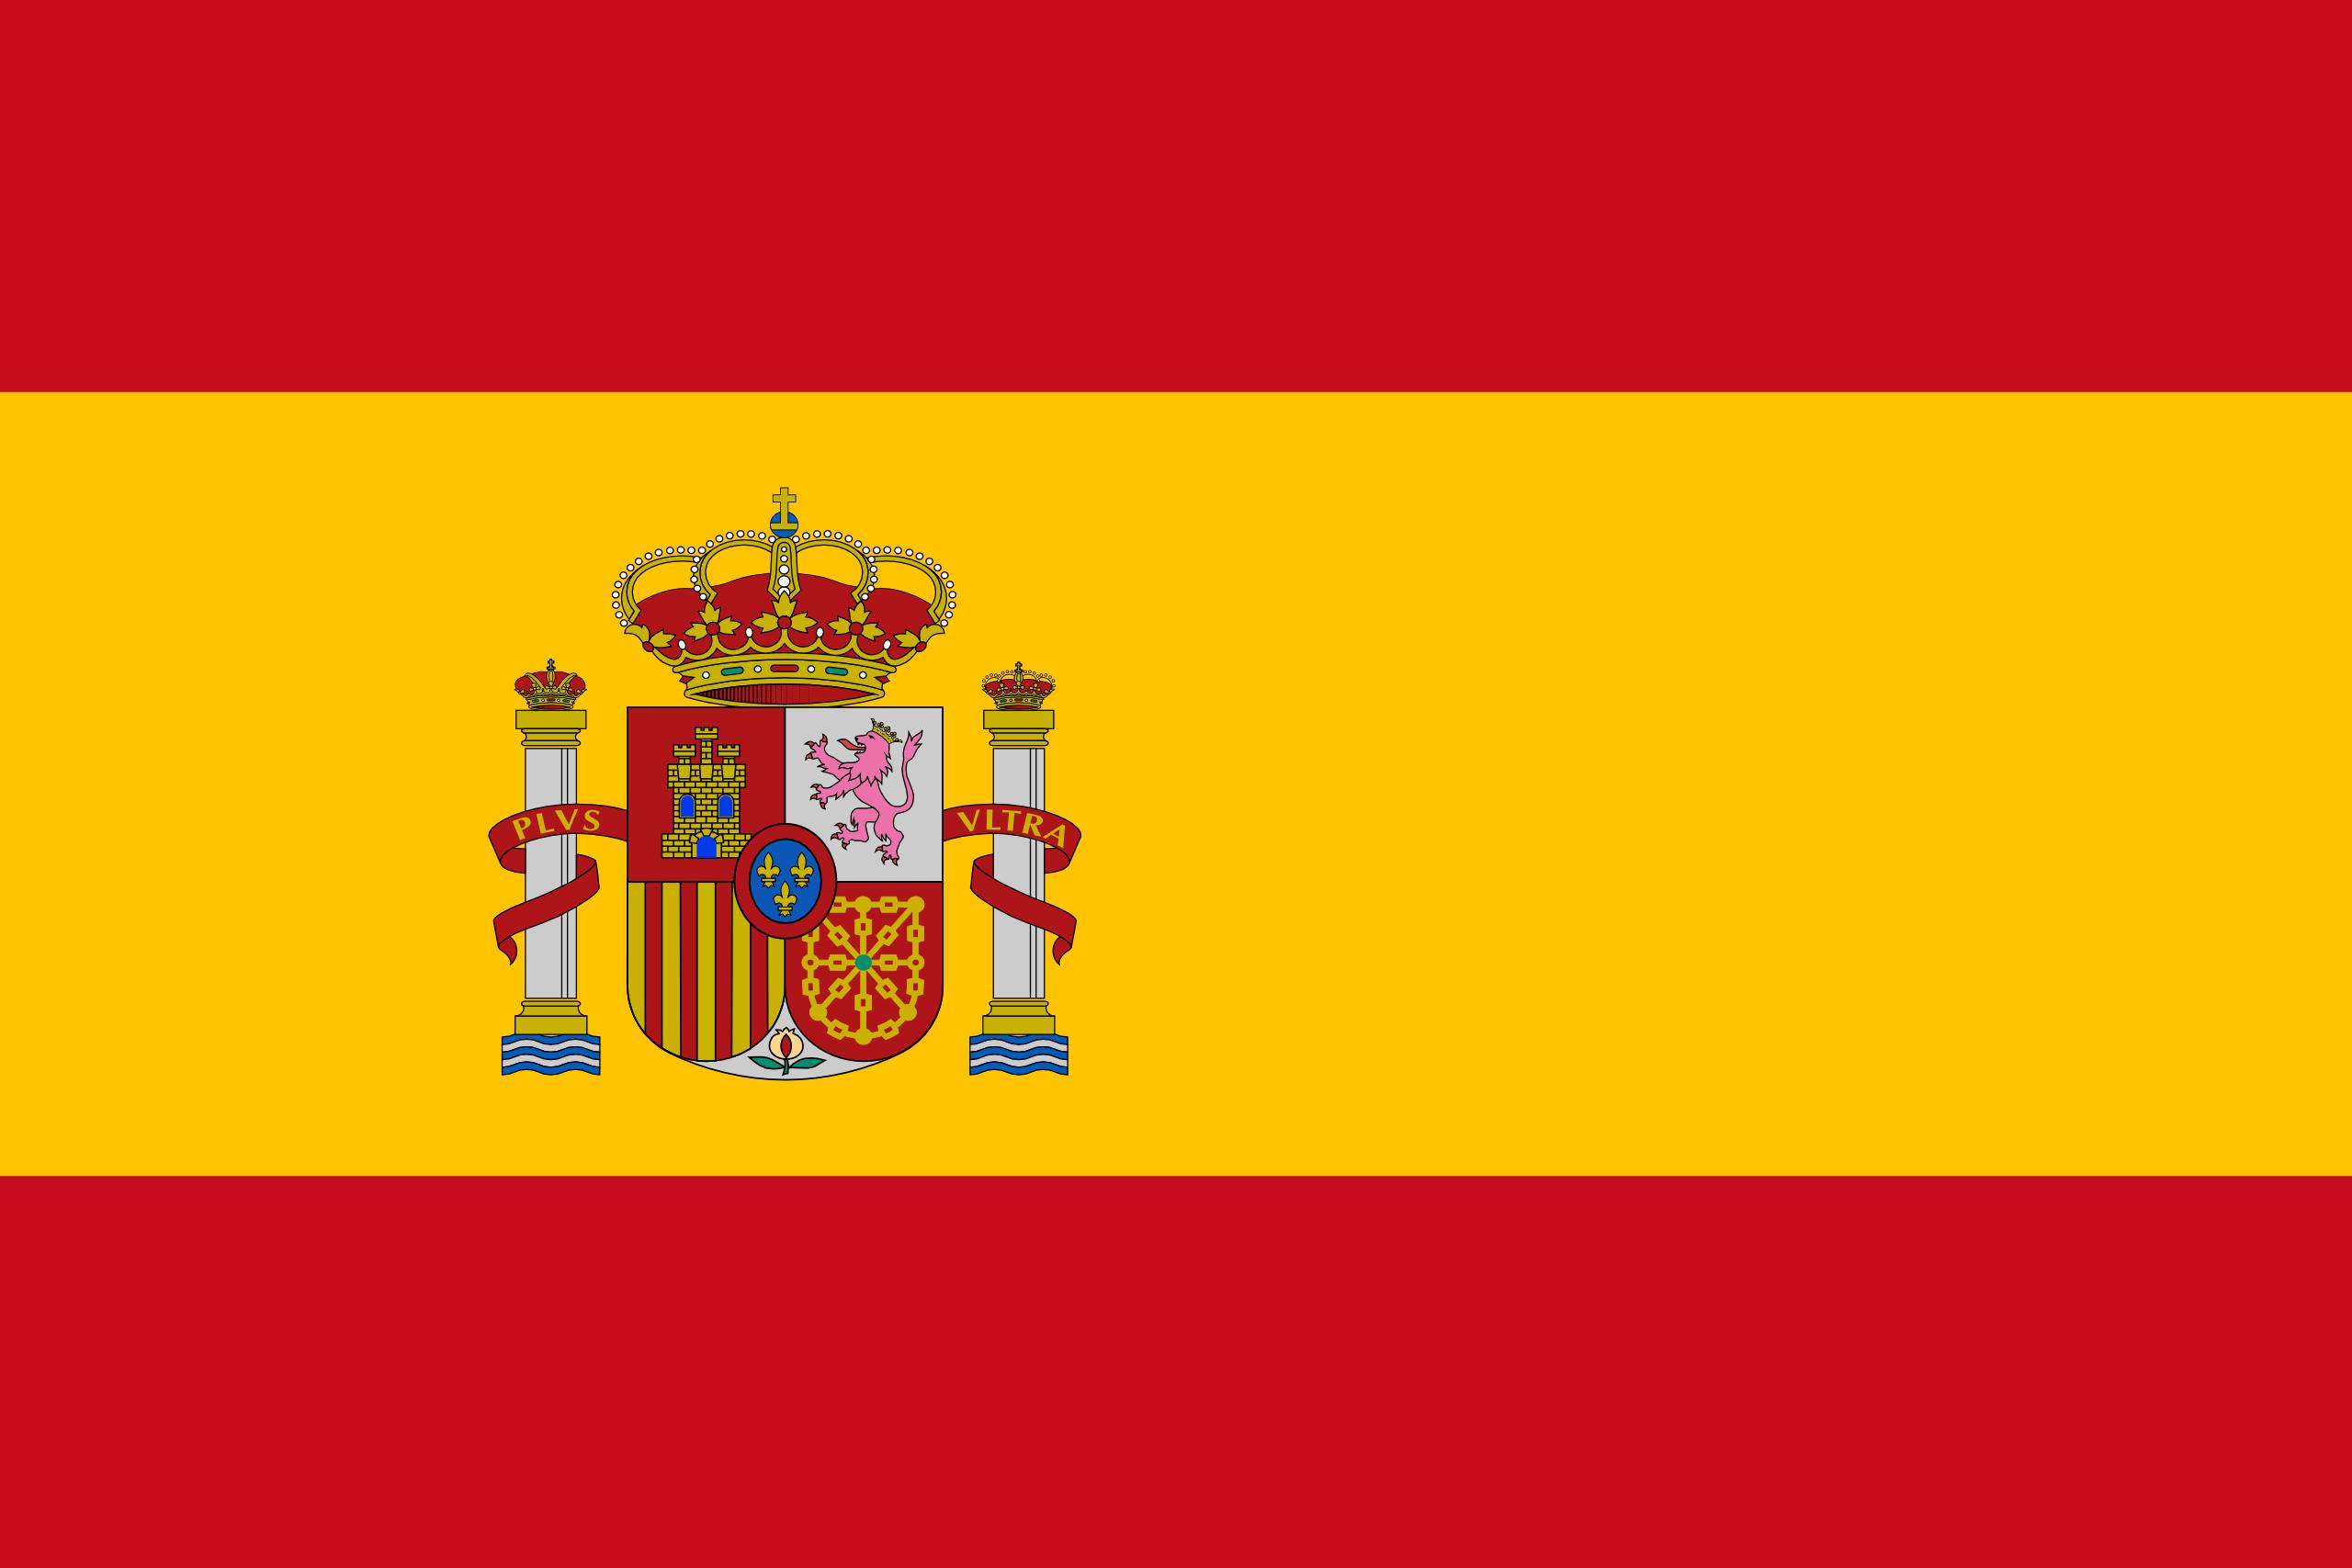 españa, 国家, 会徽, 徽标, 符号 - 高清壁纸 - 教授-falken.com